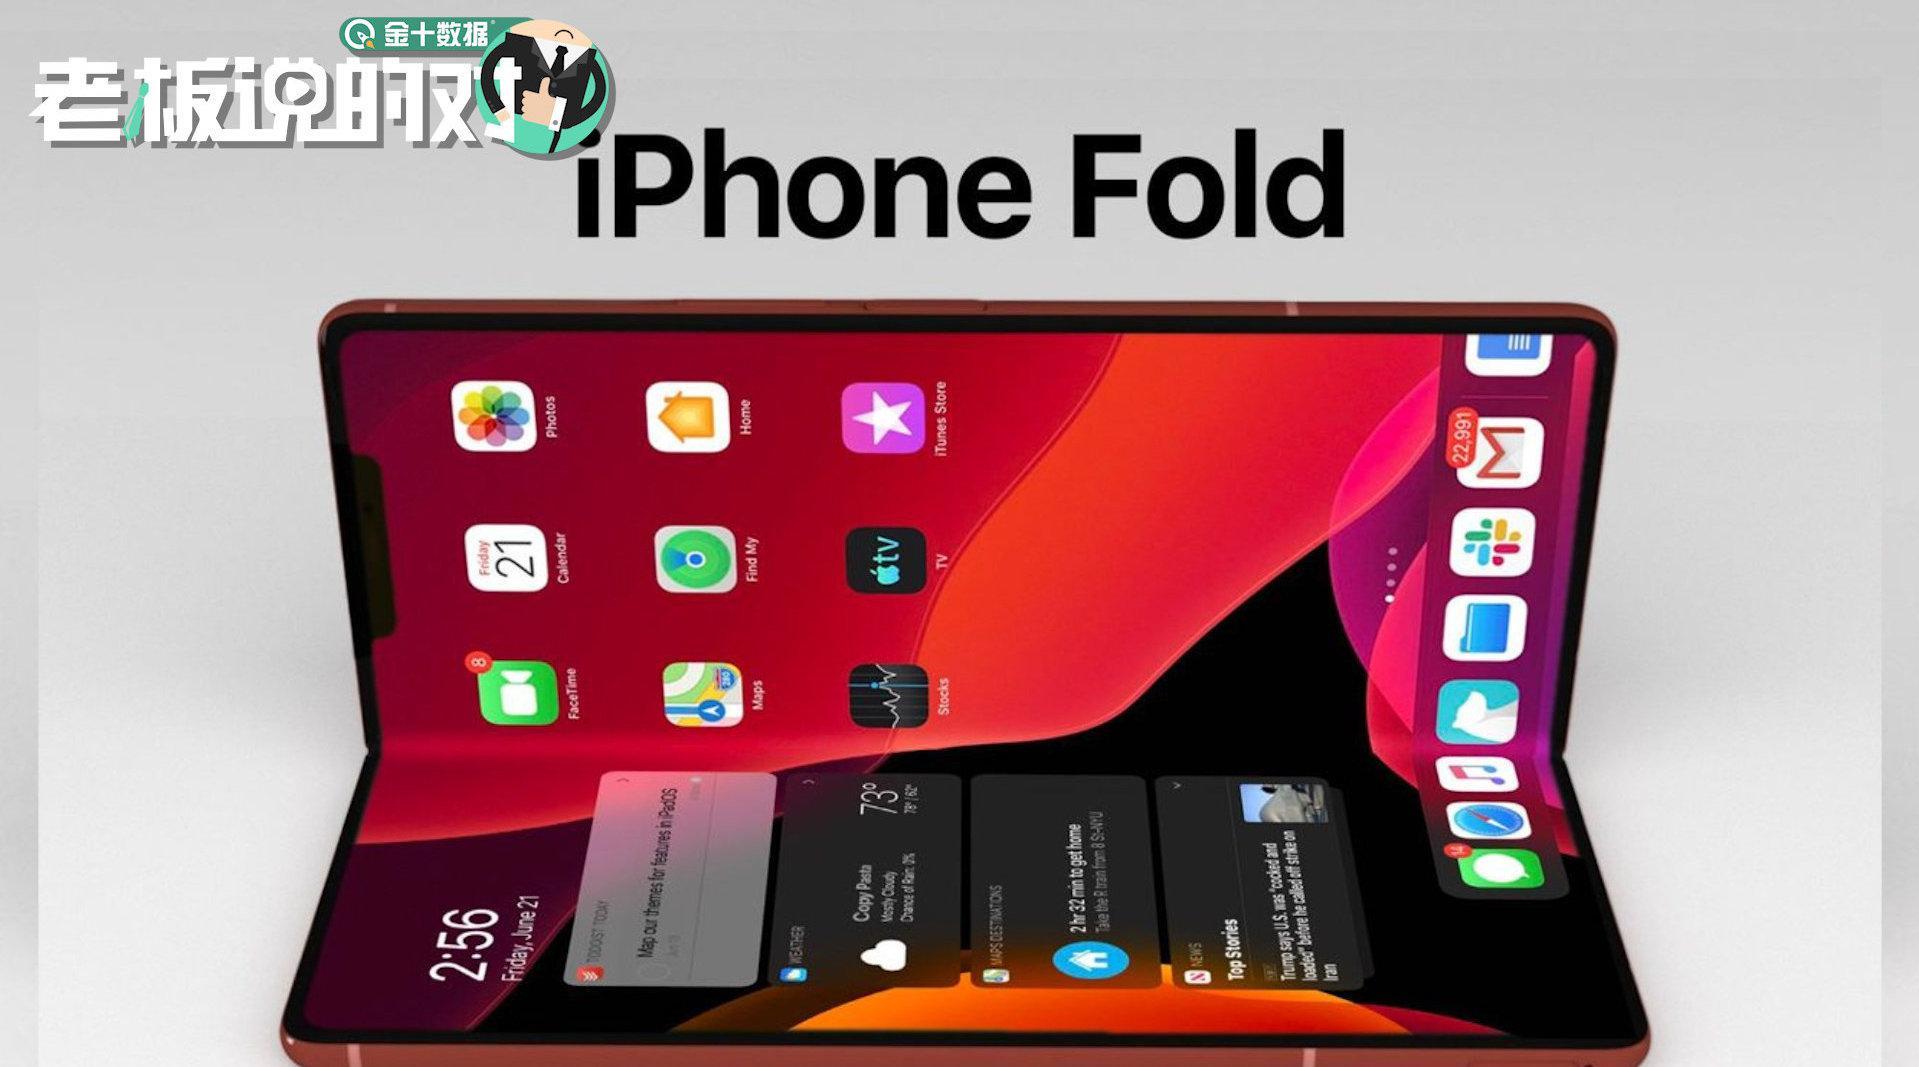 1万元起步,折叠屏iPhone要来了?样品已送富士康测试,2022年见